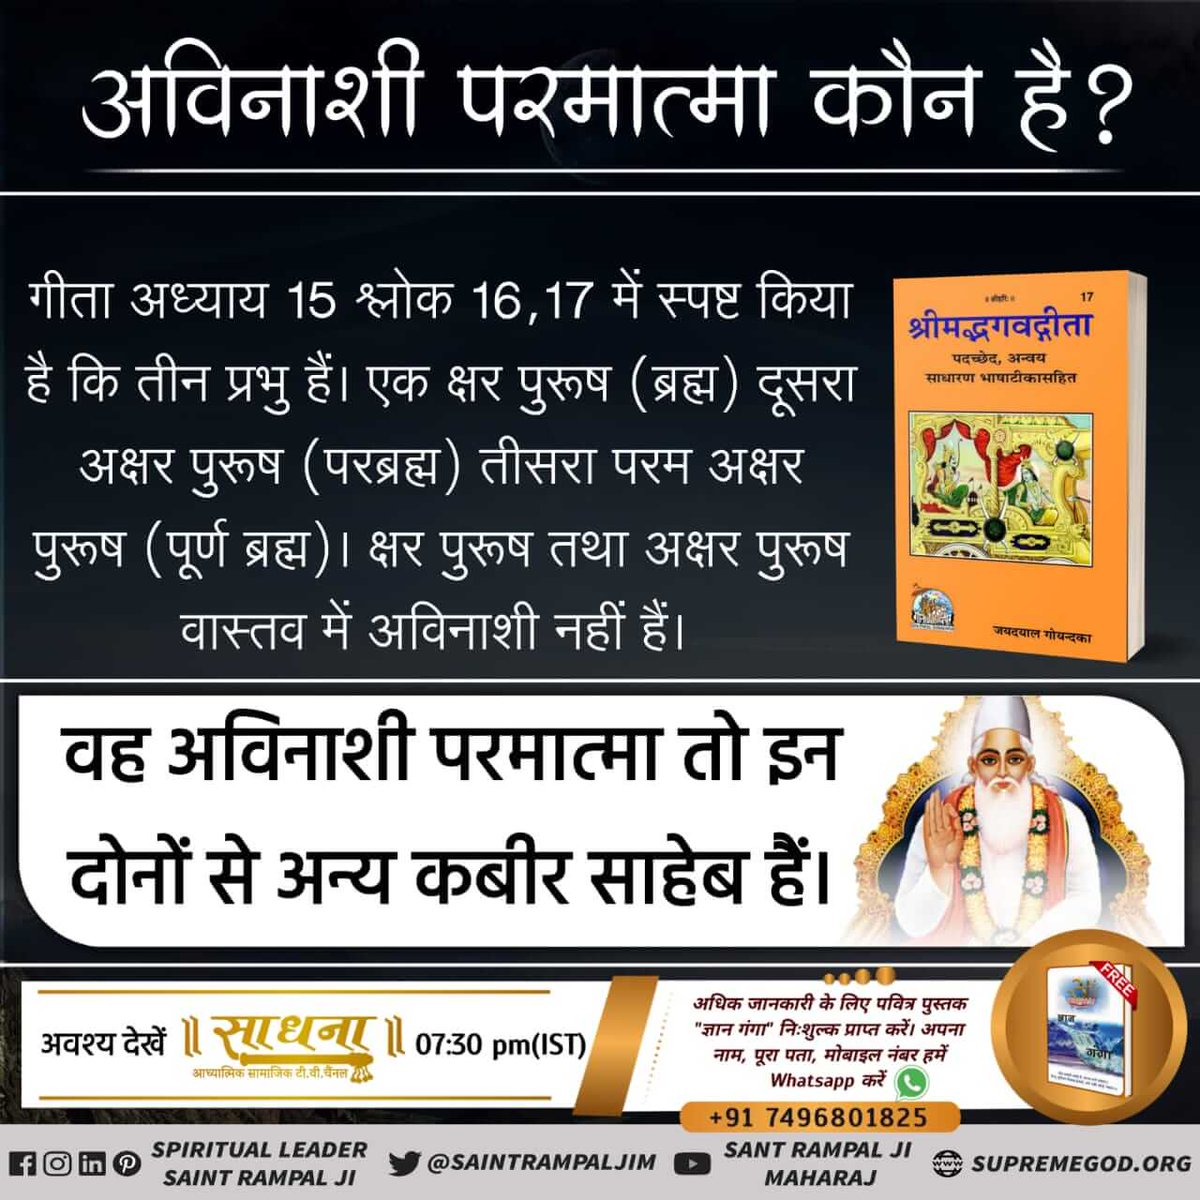 #WhoCreatedNature अविनाशी परमात्मा कौन है? गीता अध्याय 15 श्लोक 16,17 में स्पष्ट किया है कि तीन प्रभु हैं।एक क्षर पुरूष (ब्रह्म) दूसरा अक्षर पुरूष (परब्रह्म) तीसरा परम अक्षर पुरुष (पूर्ण ब्रह्म )। वह अविनाशी परमात्मा तो इन दोनों से अन्य कबीर साहेब हैं। God Kabir https://t.co/Y6AfXfksKE